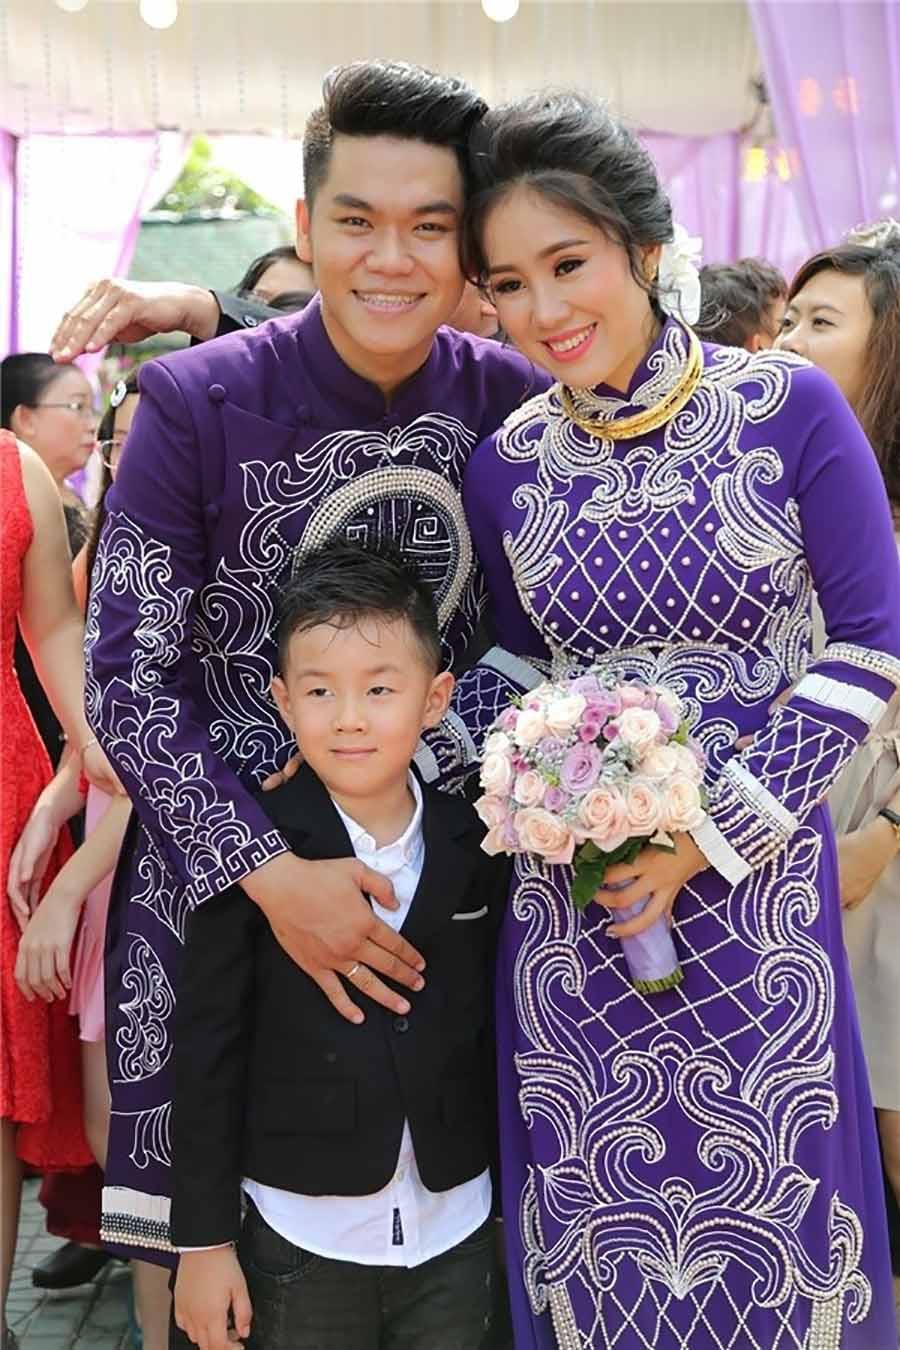 Showbiz Việt chuẩn bị chào đón 5 nhóc tỳ sắp chào đời: Gây chú ý nhất từ khi mới báo tin vui là gia đình thứ 2! - Ảnh 3.